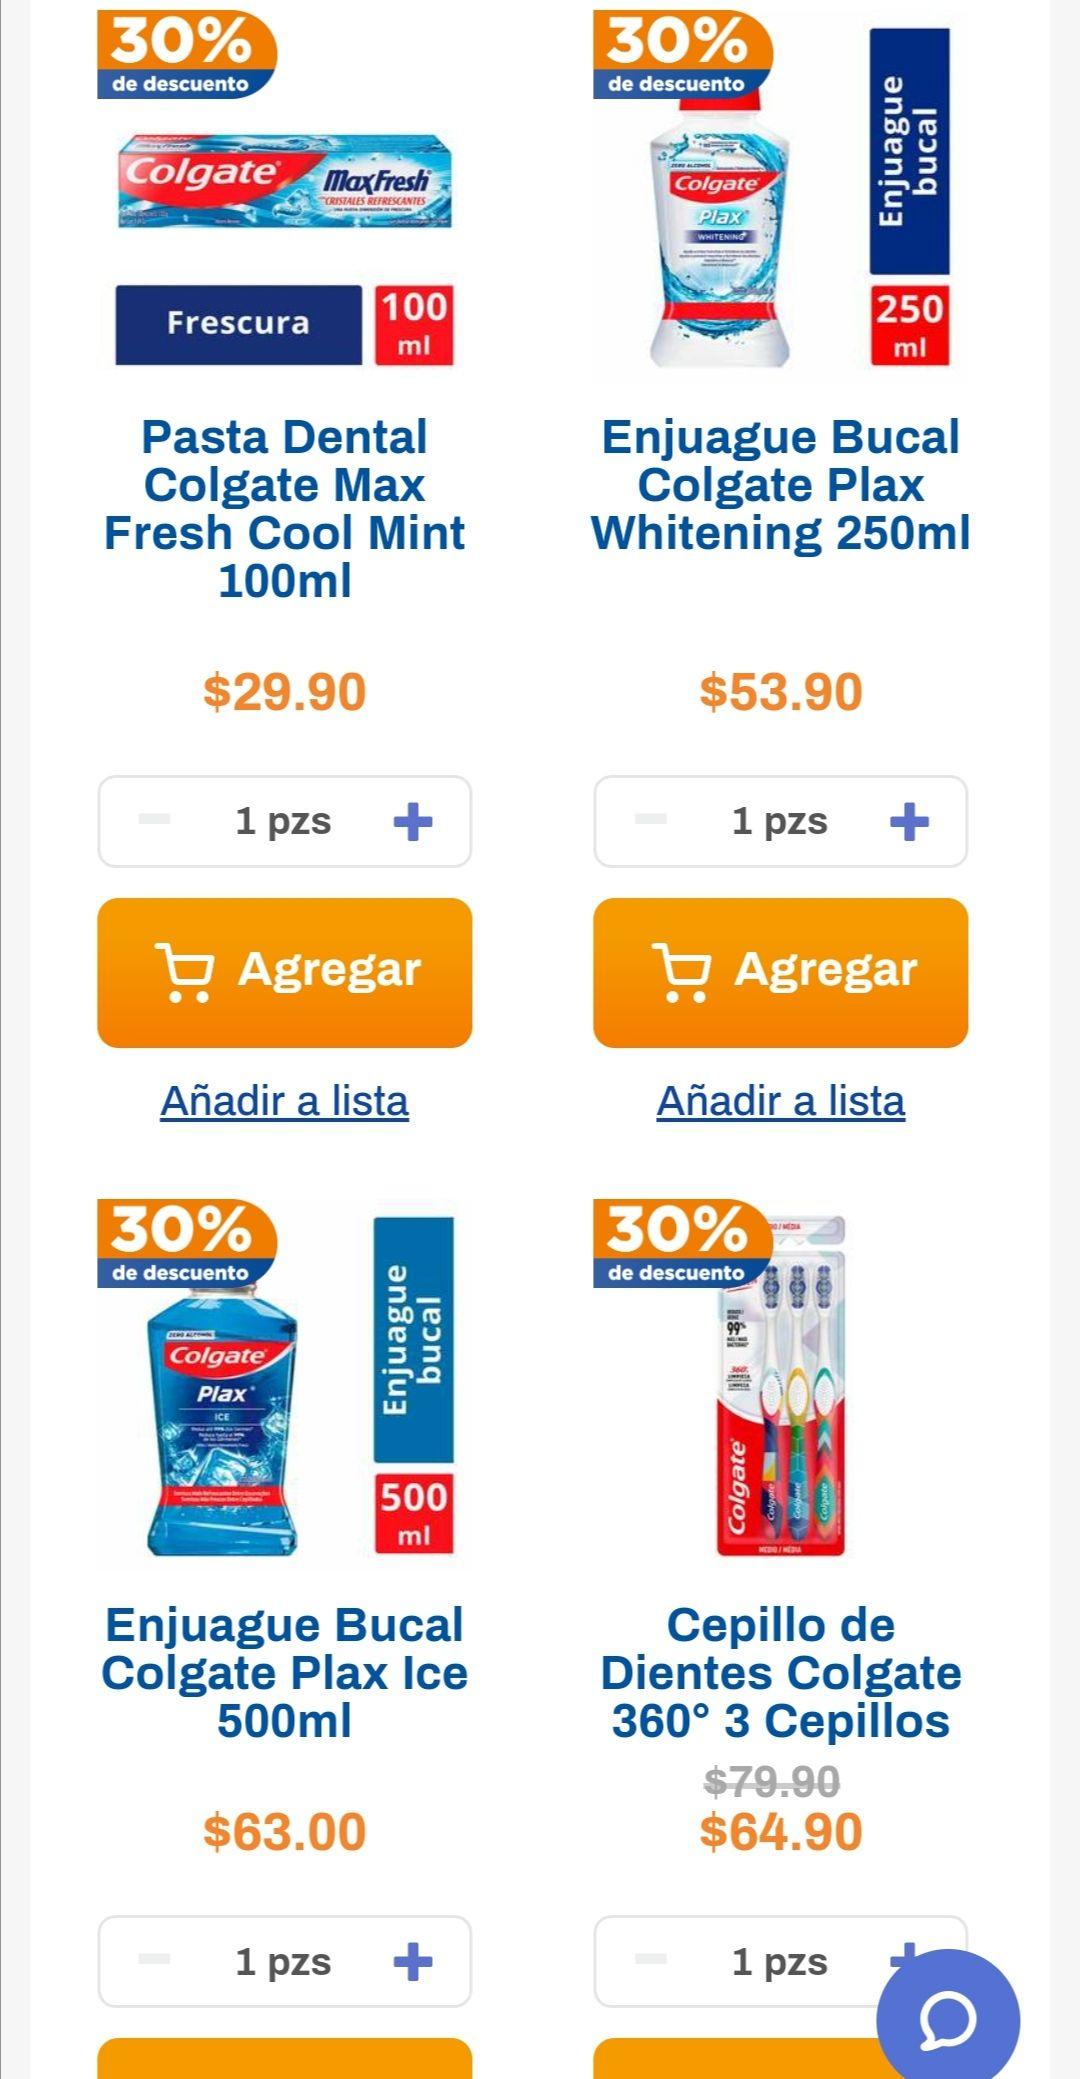 Chedraui: 30% de descuento en toda la higiene bucal Colgate